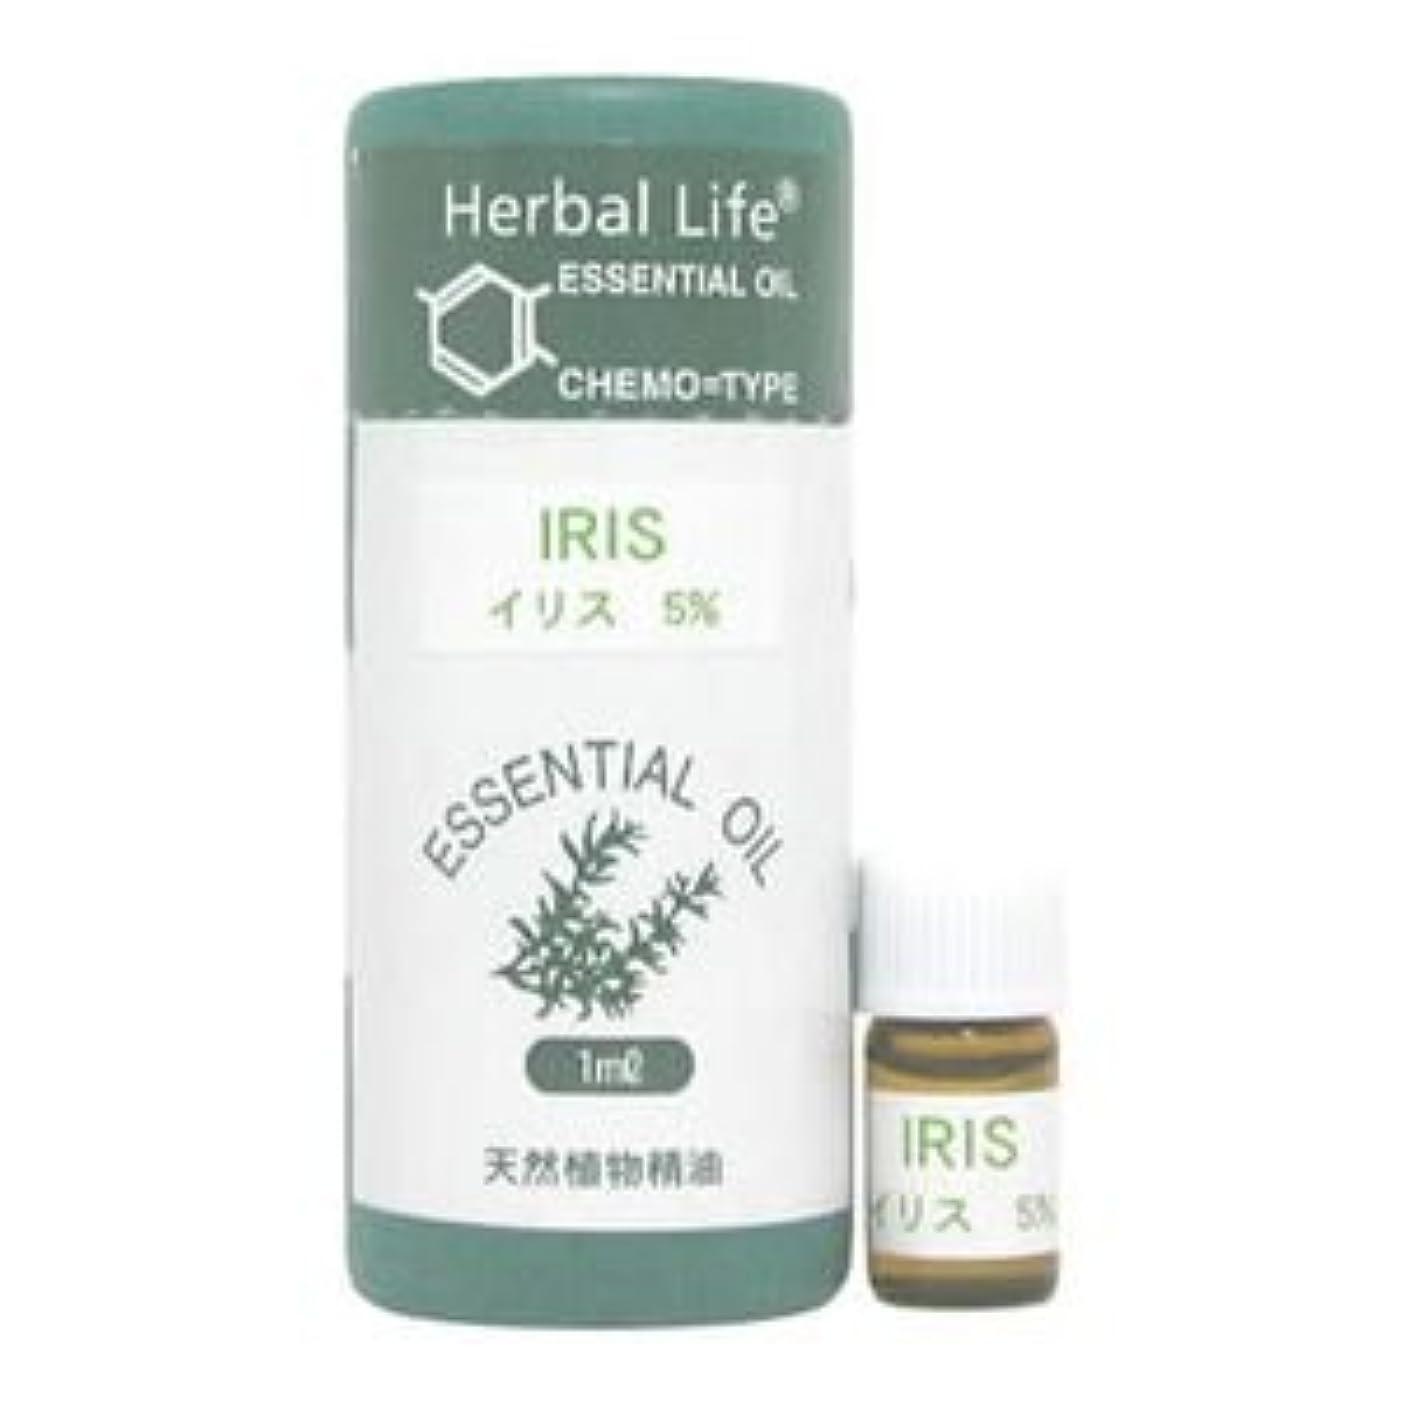 鑑定万一に備えて誠実Herbal Life イリス(5%希釈液) 1ml